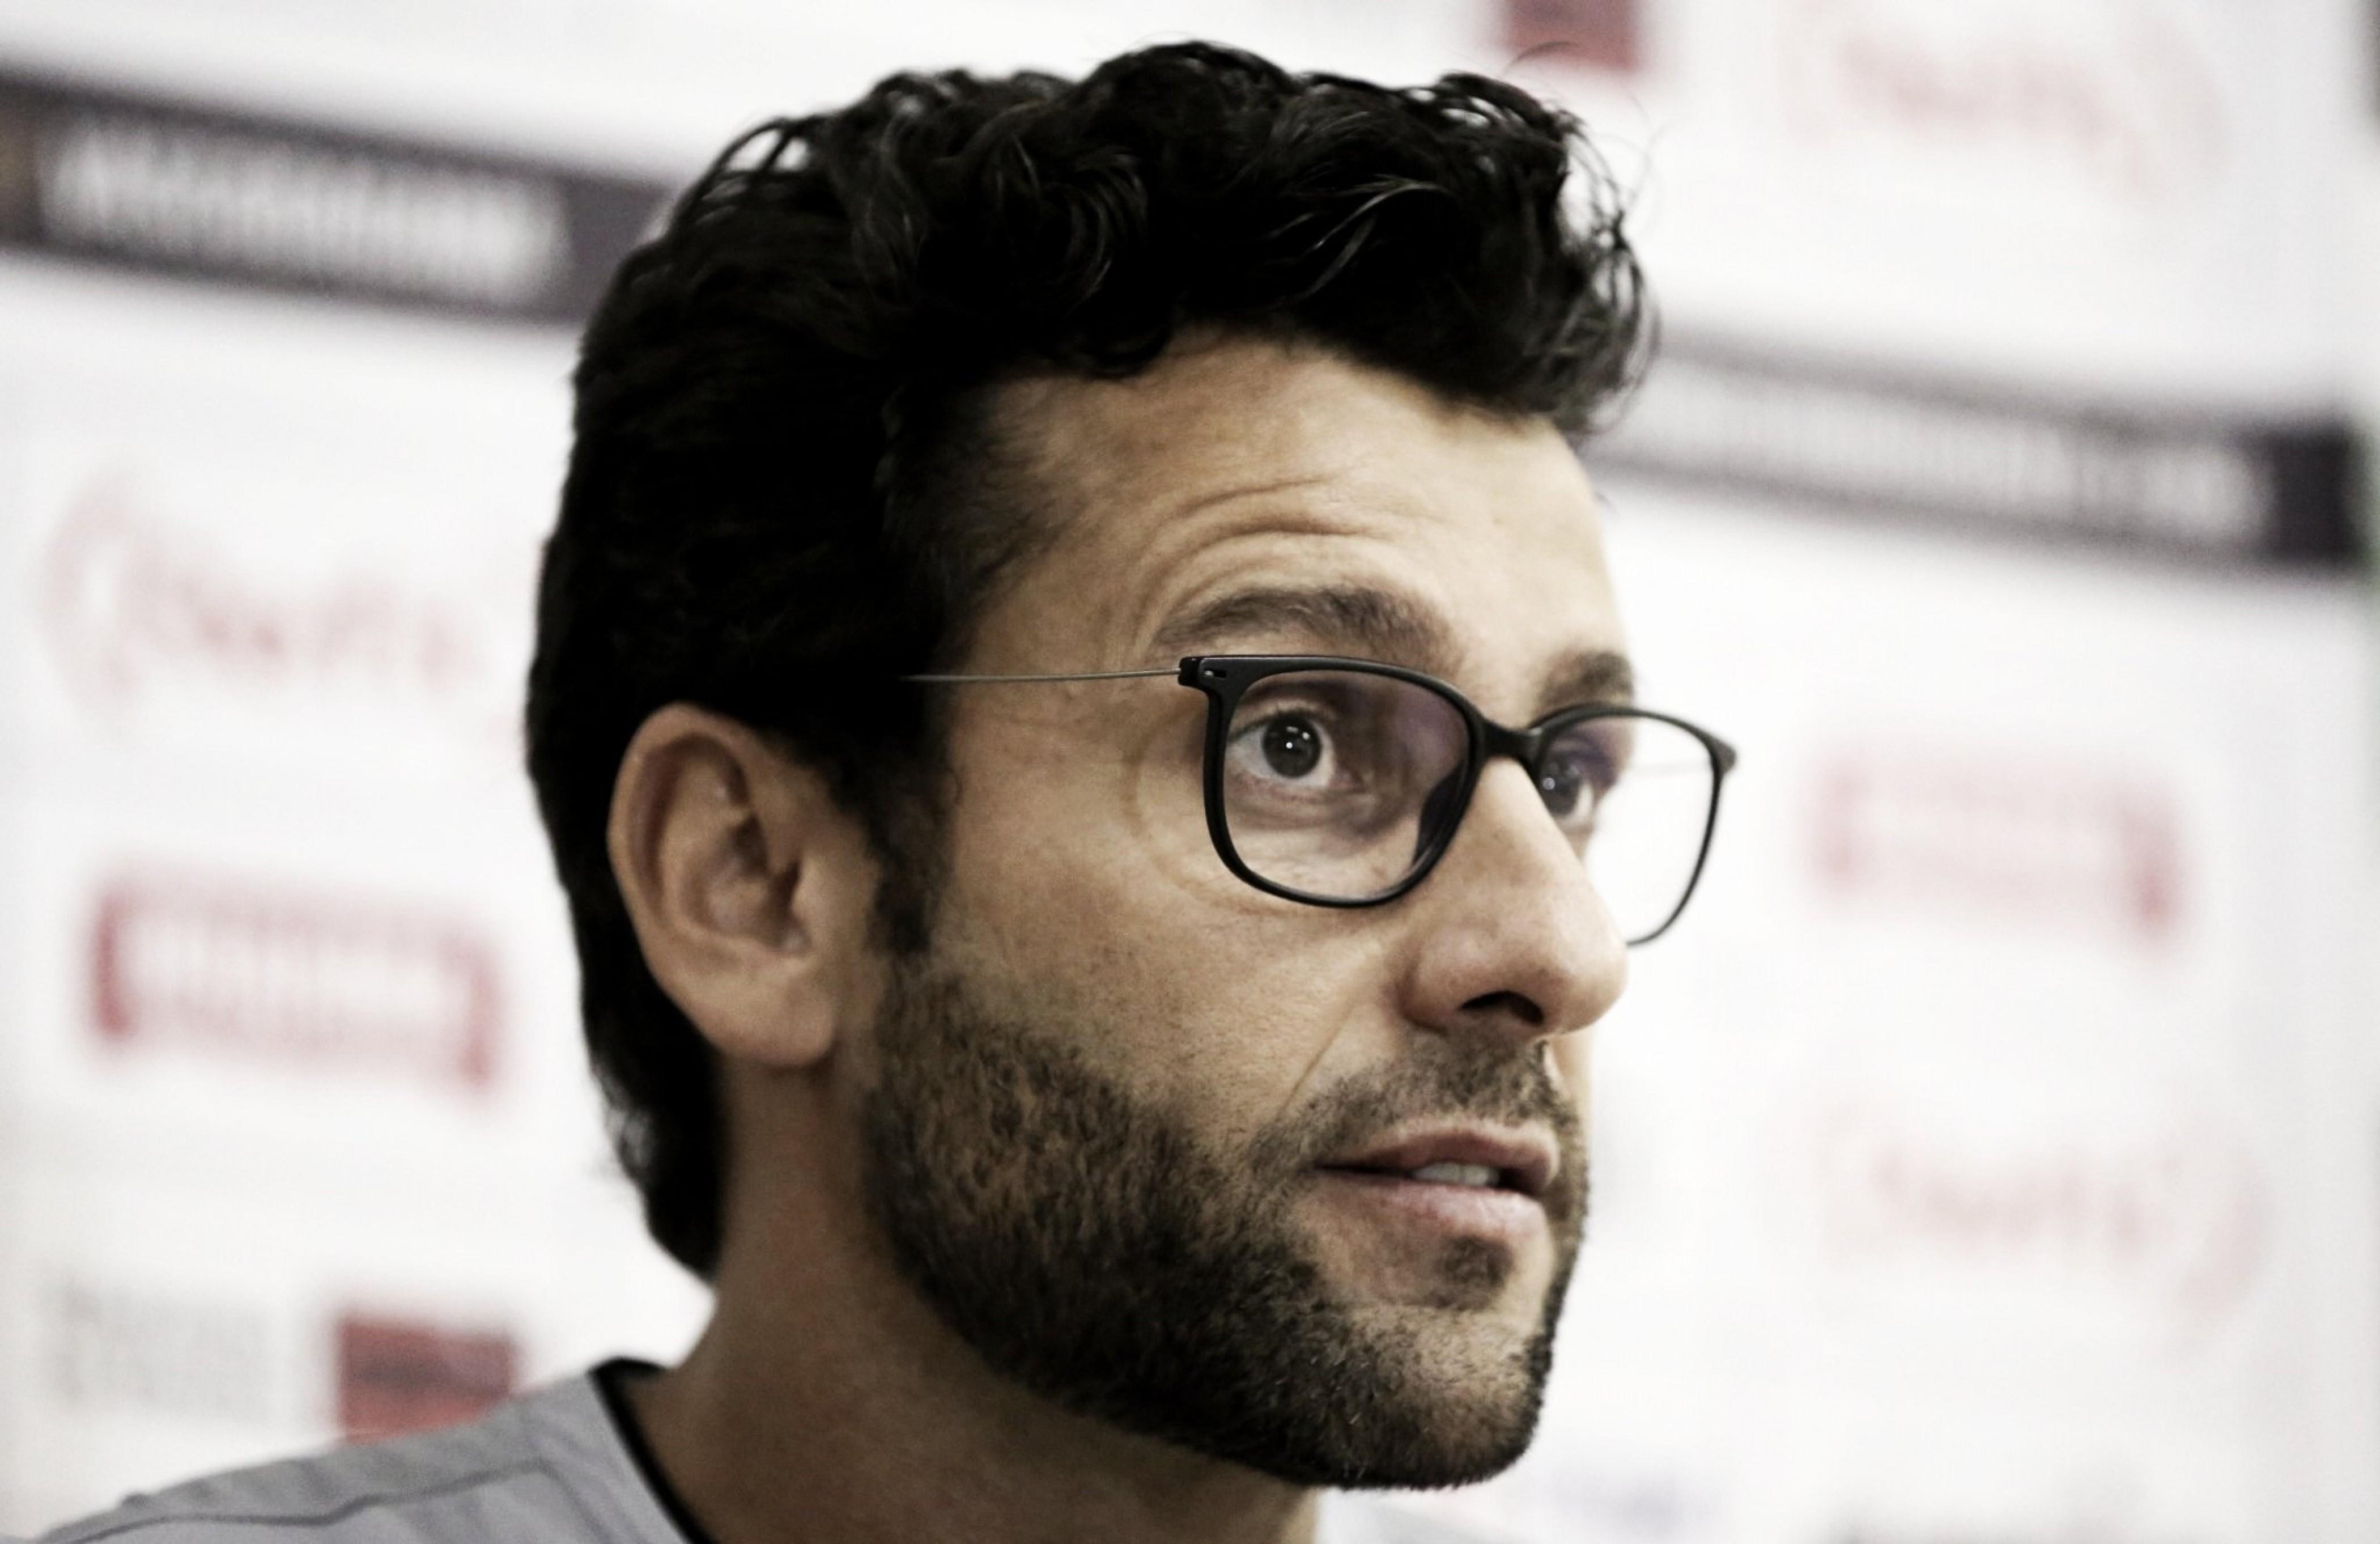 Valentim lamenta empate contra Flamengo e quer acabar com jejum de vitórias do Vasco